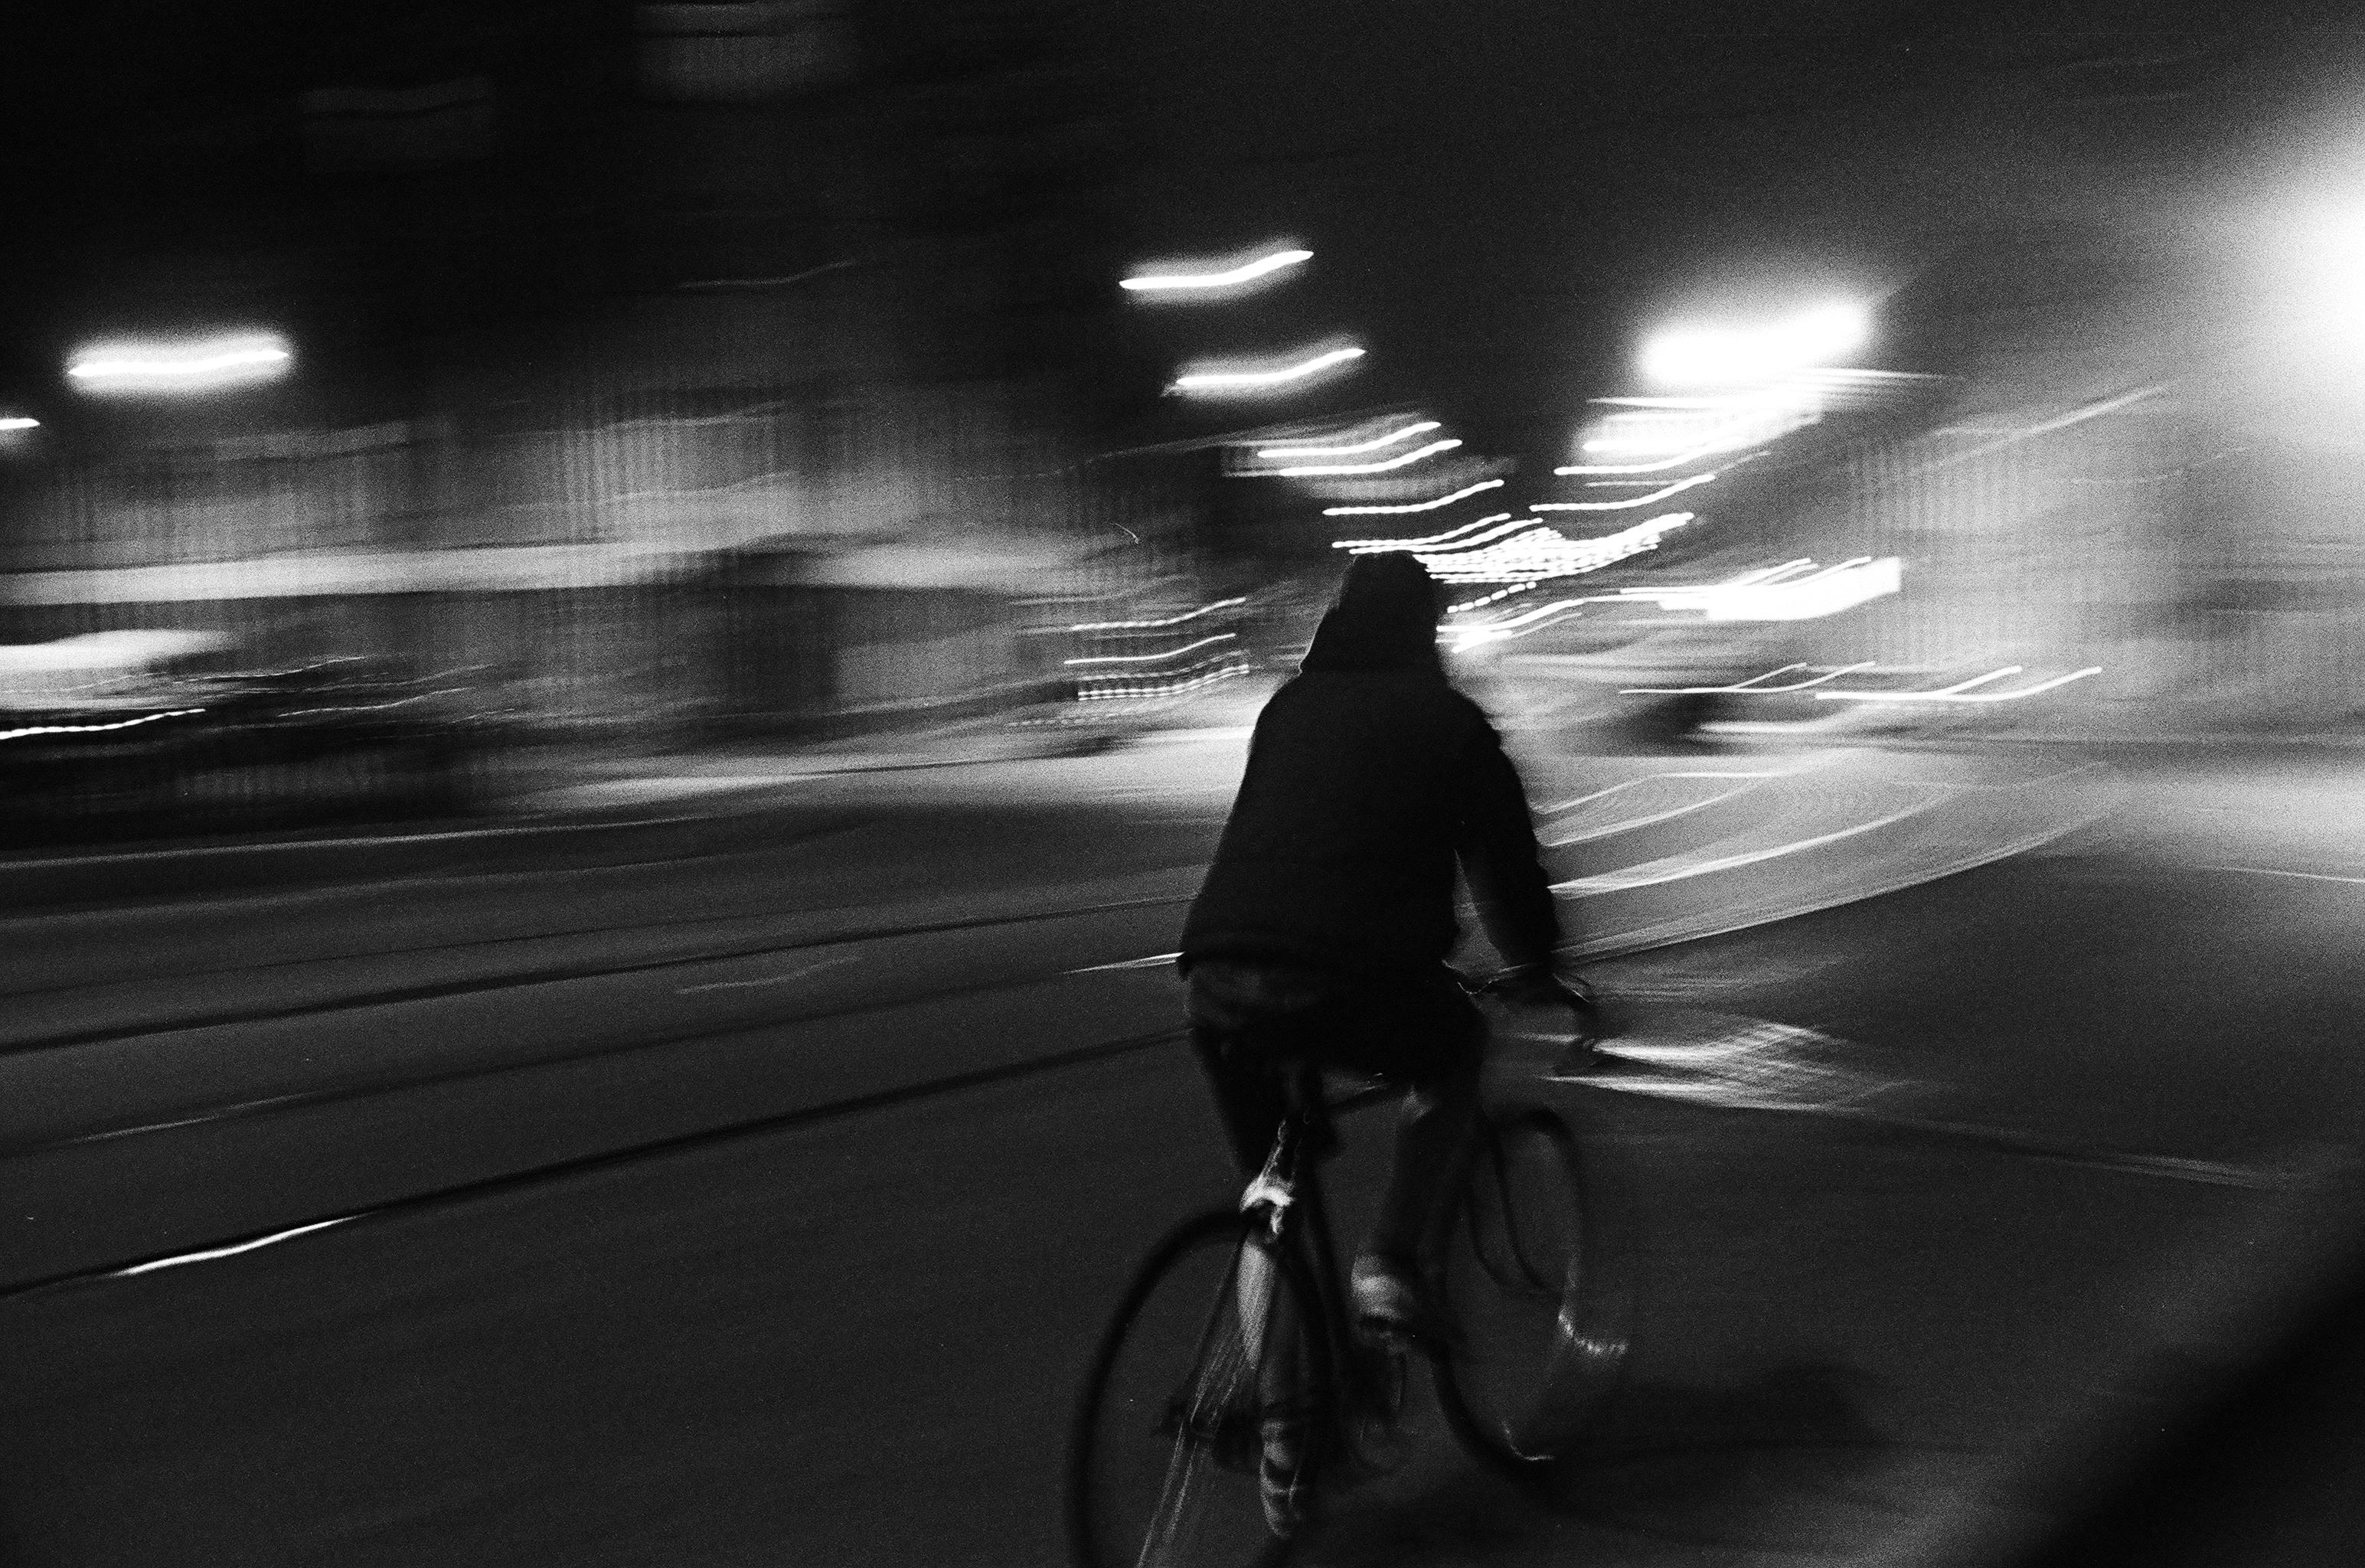 Entfernungsmesser Mit Rad : Hintergrundbilder : sonnenlicht weiß schwarz einfarbig nacht